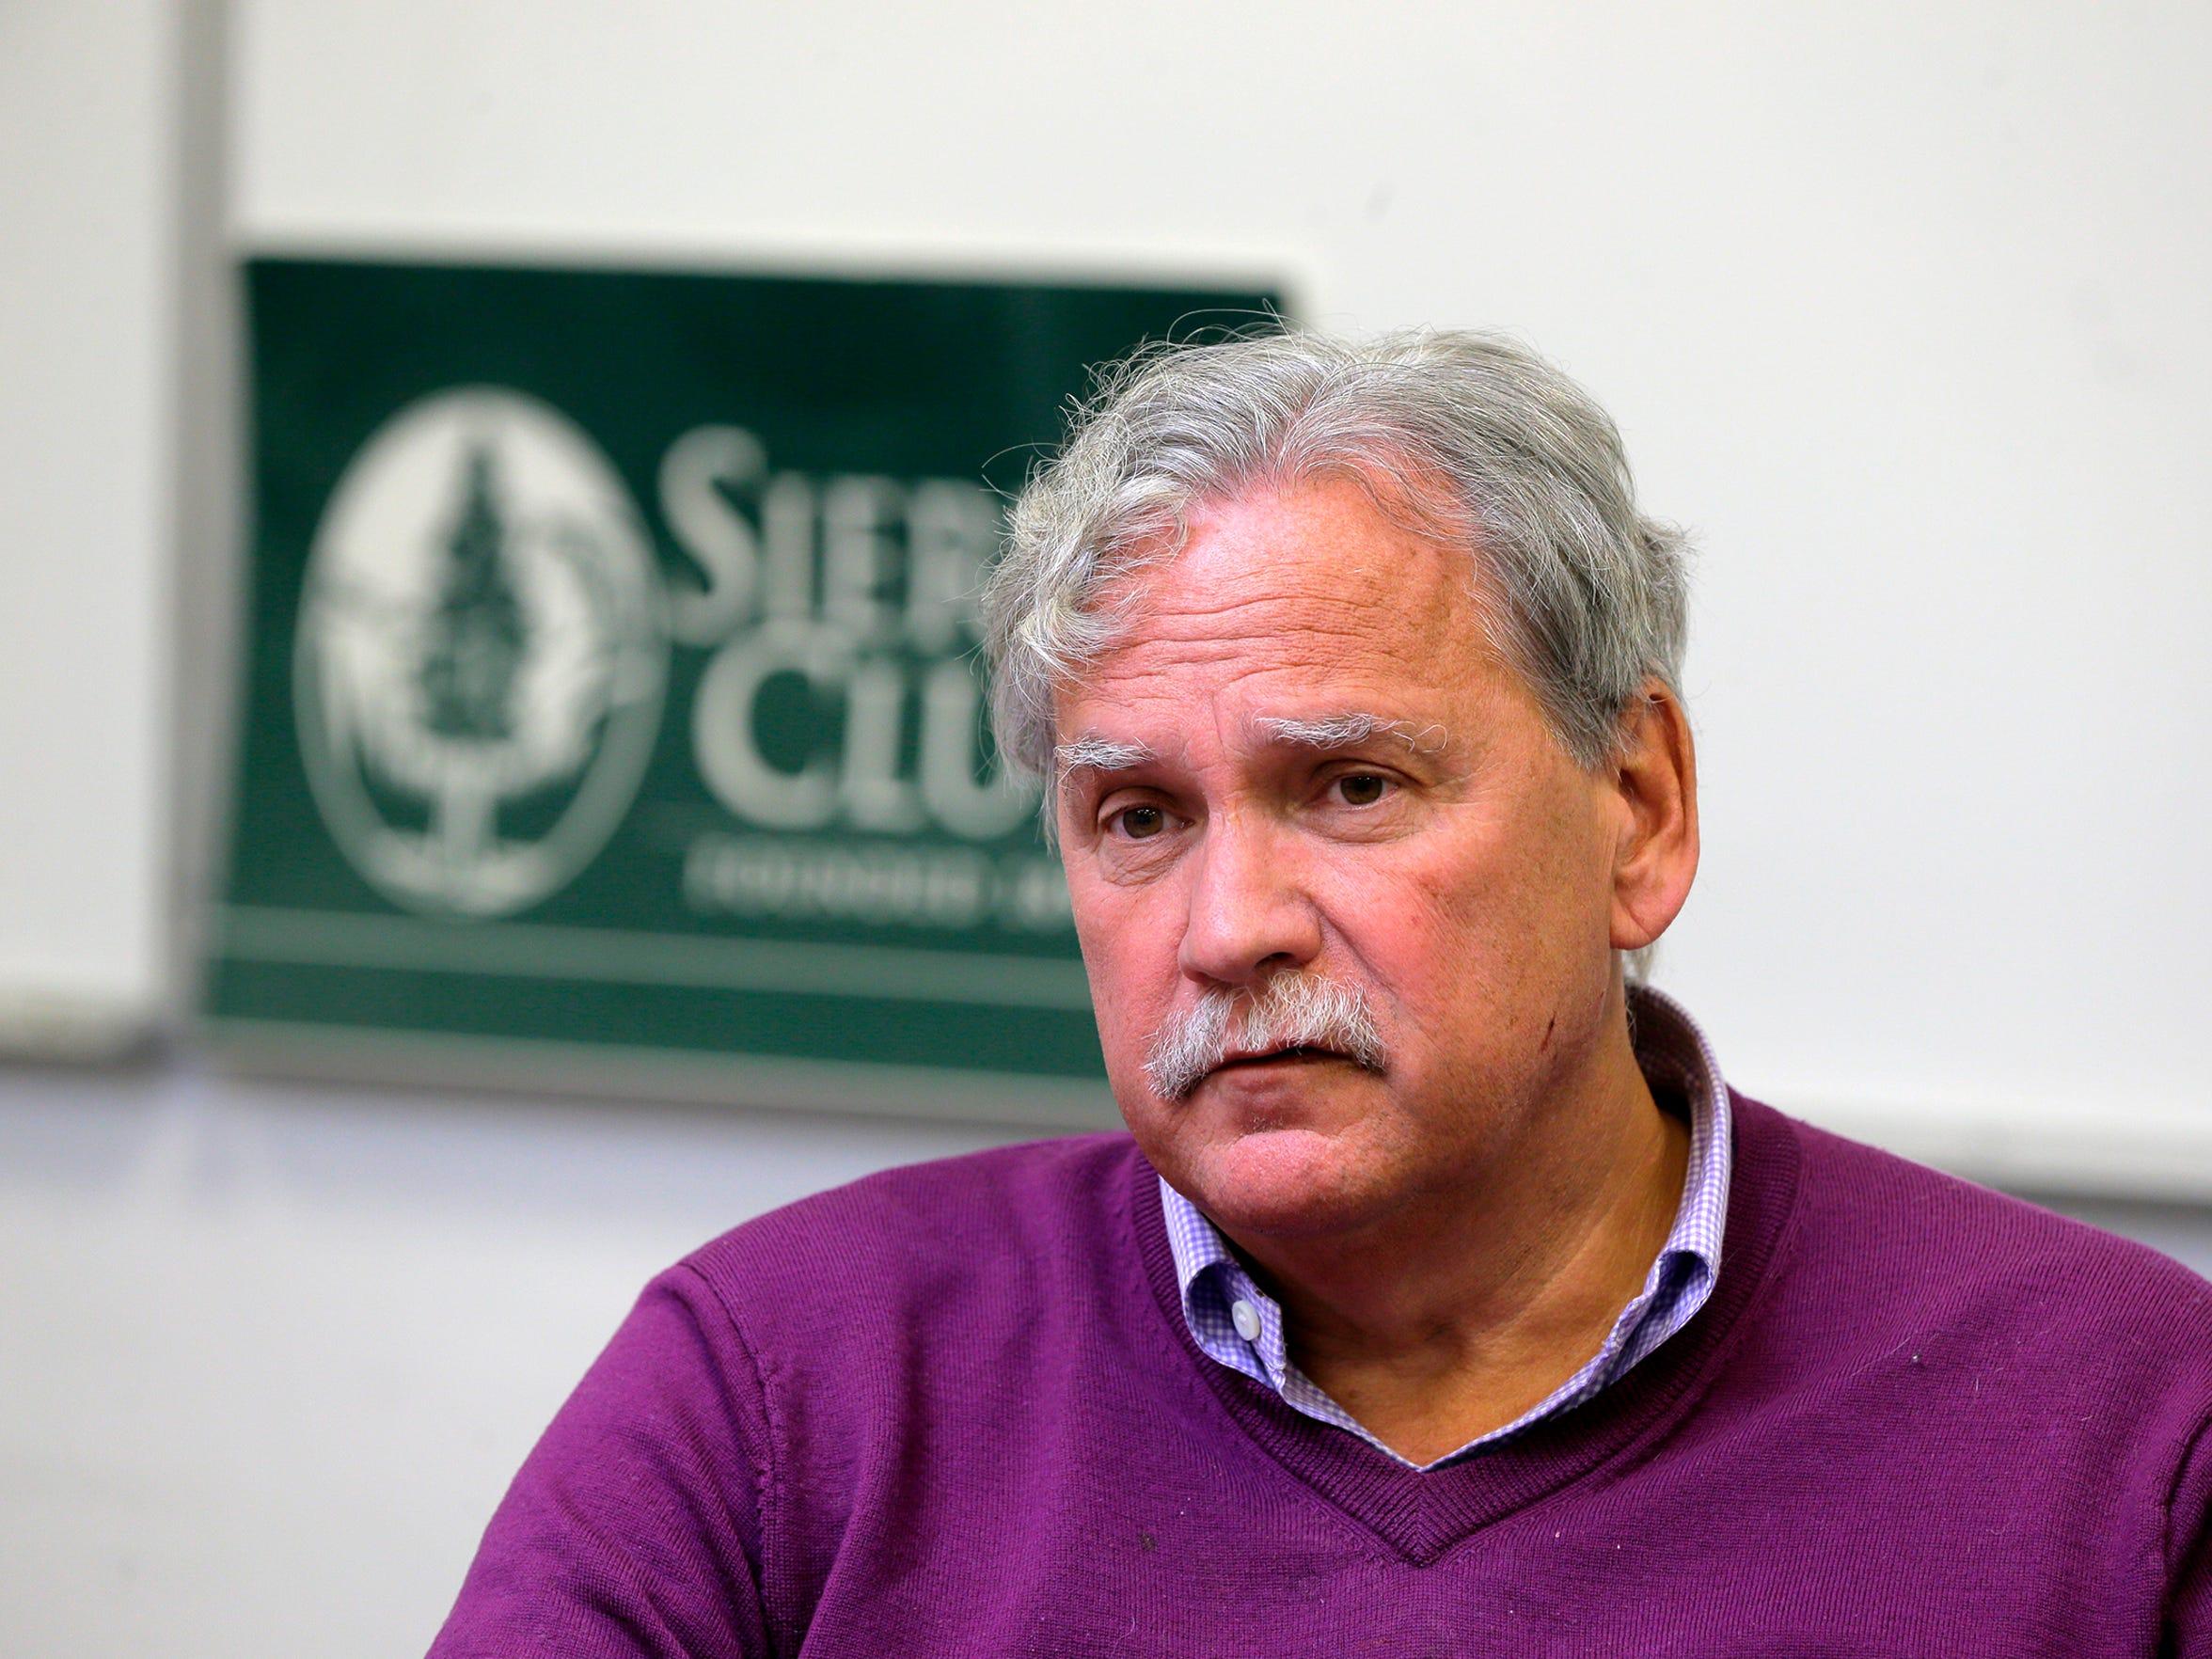 Jeff Tittel, chapter director the New Jersey Sierra